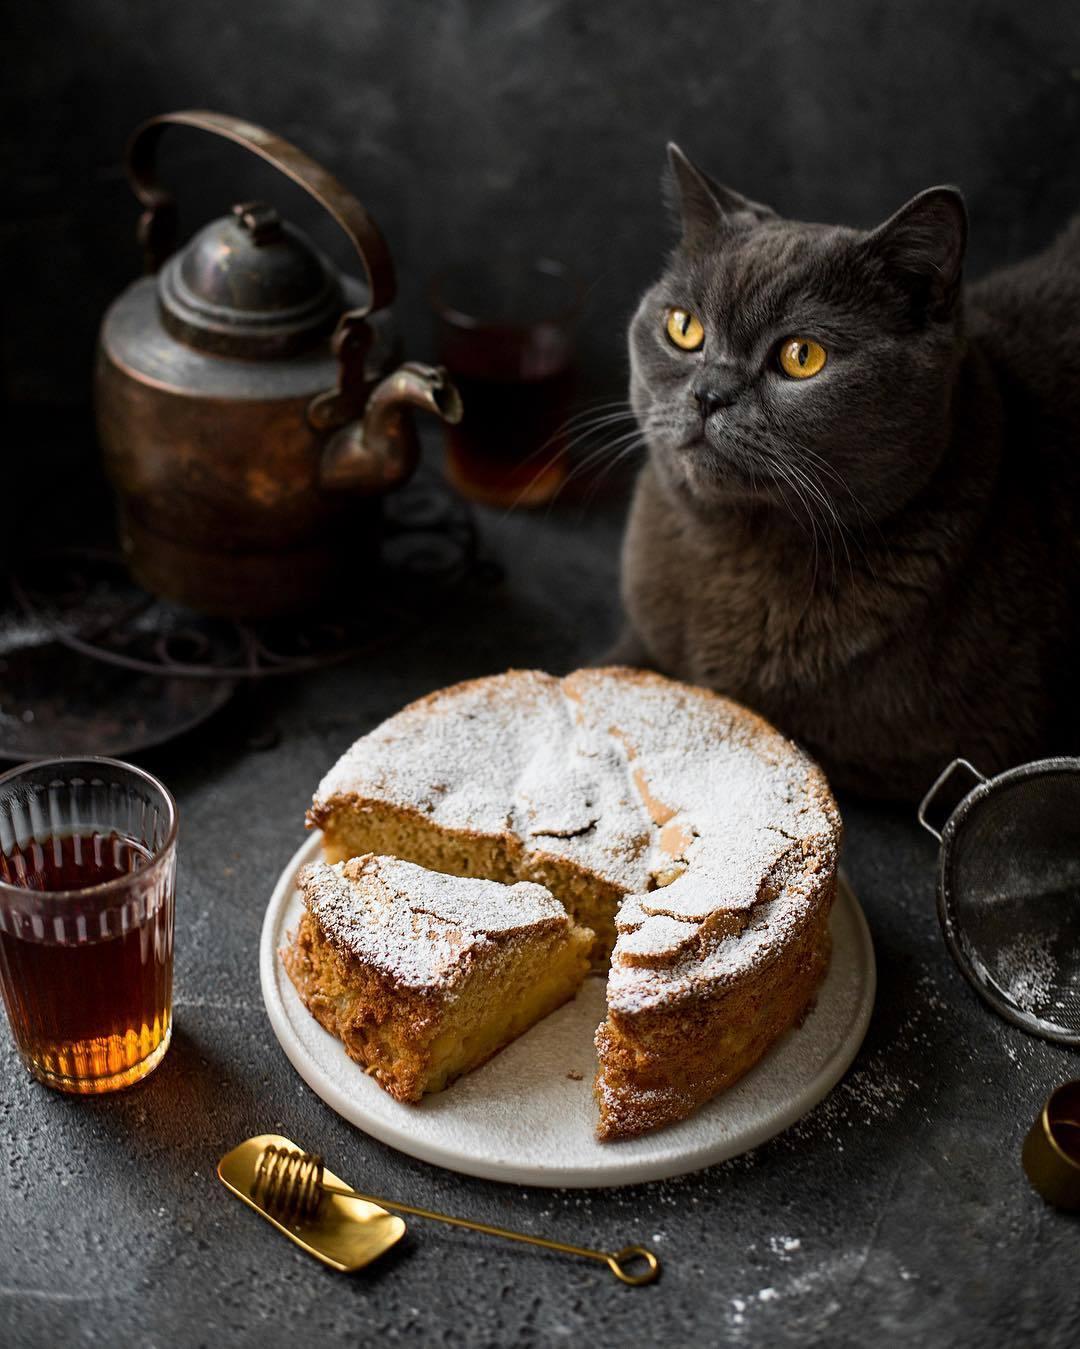 宠物-这位漂亮的美女蛋糕师,让猫咪来为蛋糕代言,将平淡无奇的蛋糕化腐朽为神奇(9)